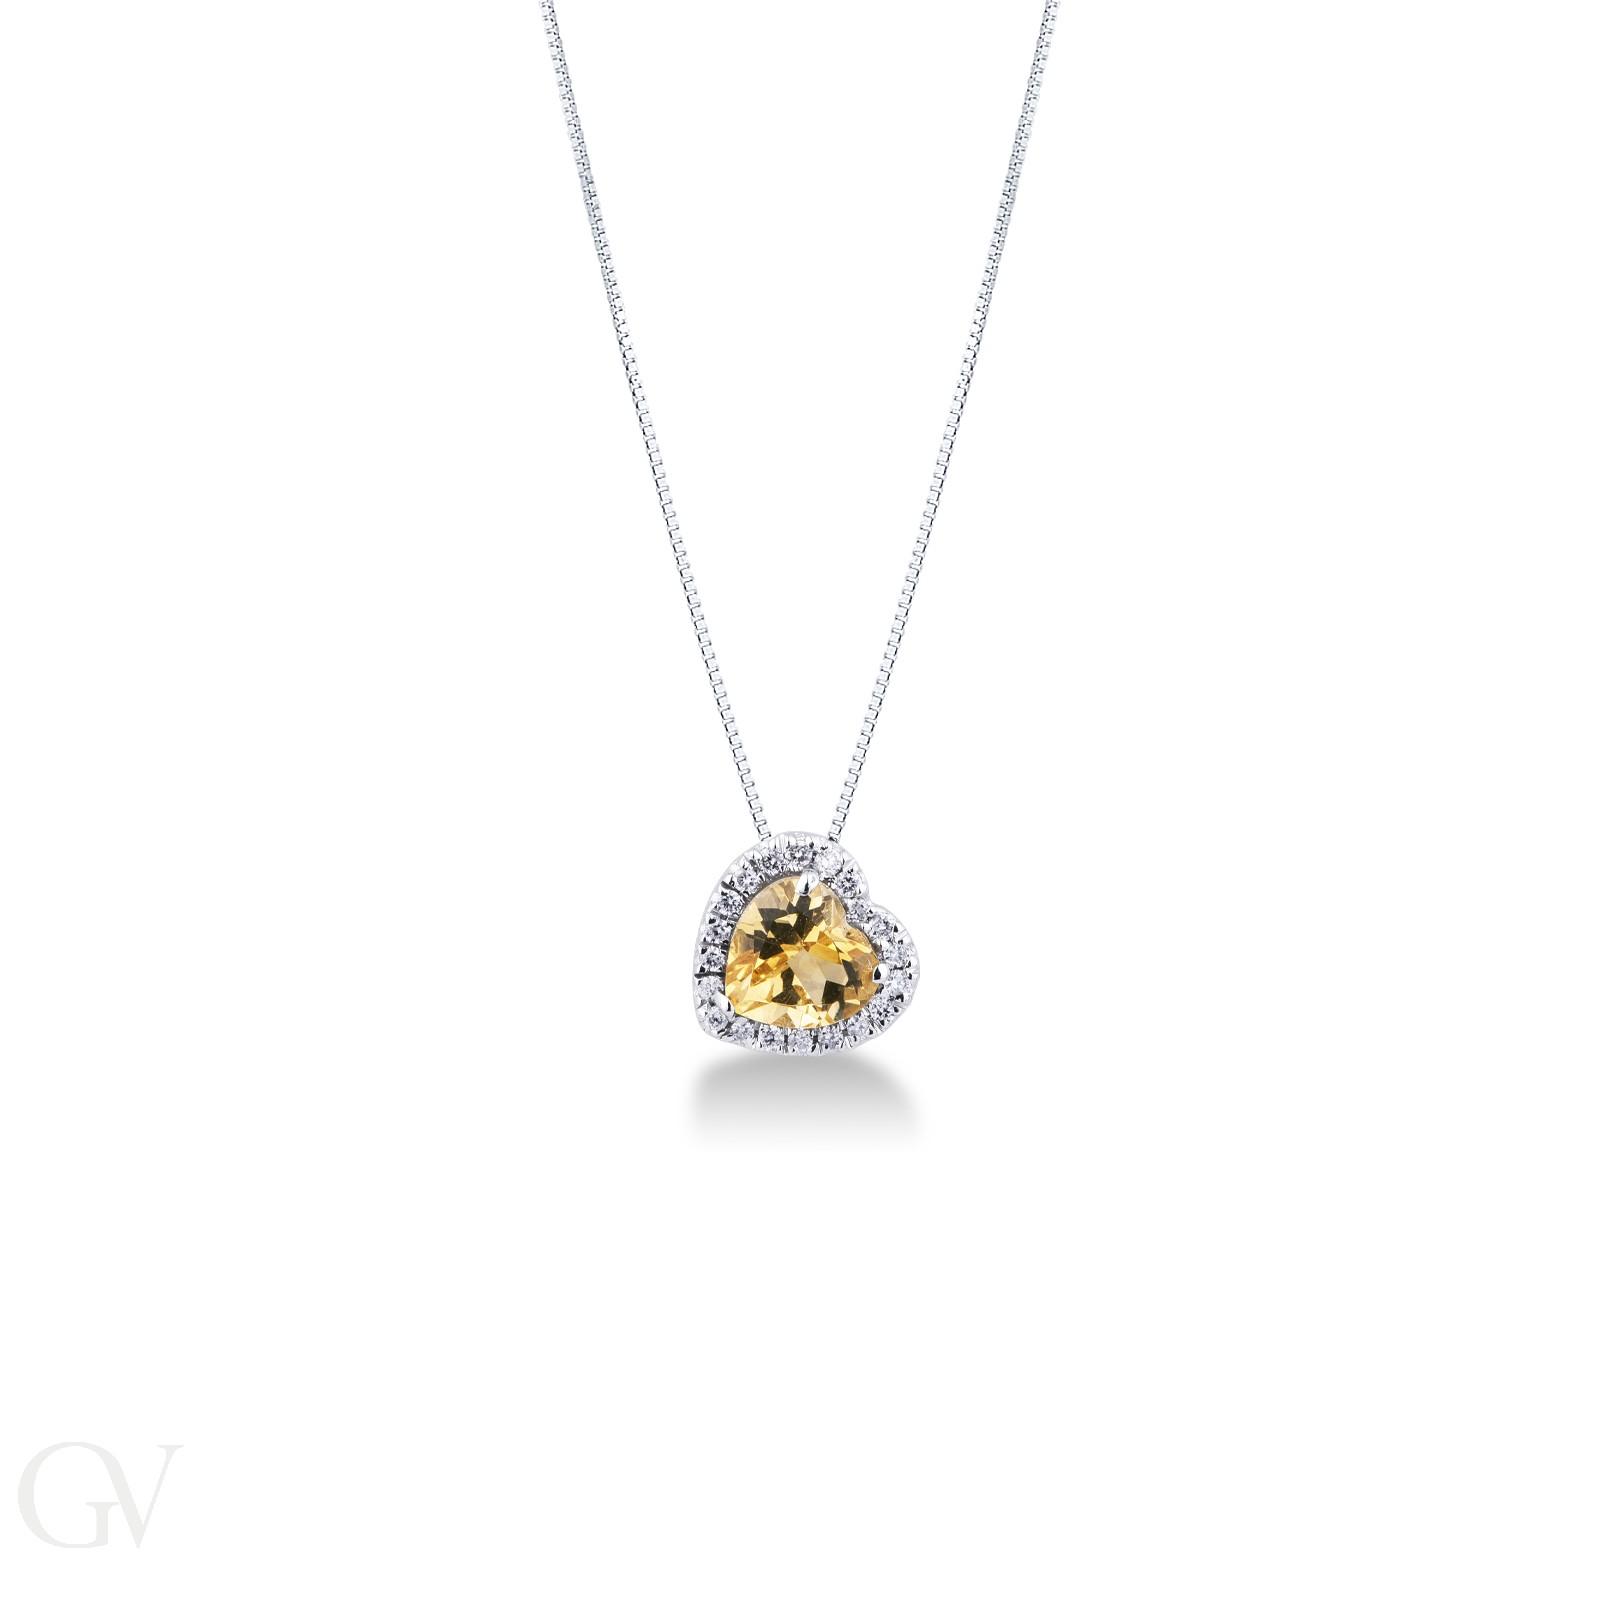 Collana in oro bianco 18k con topazio citrino a cuore e diamanti.